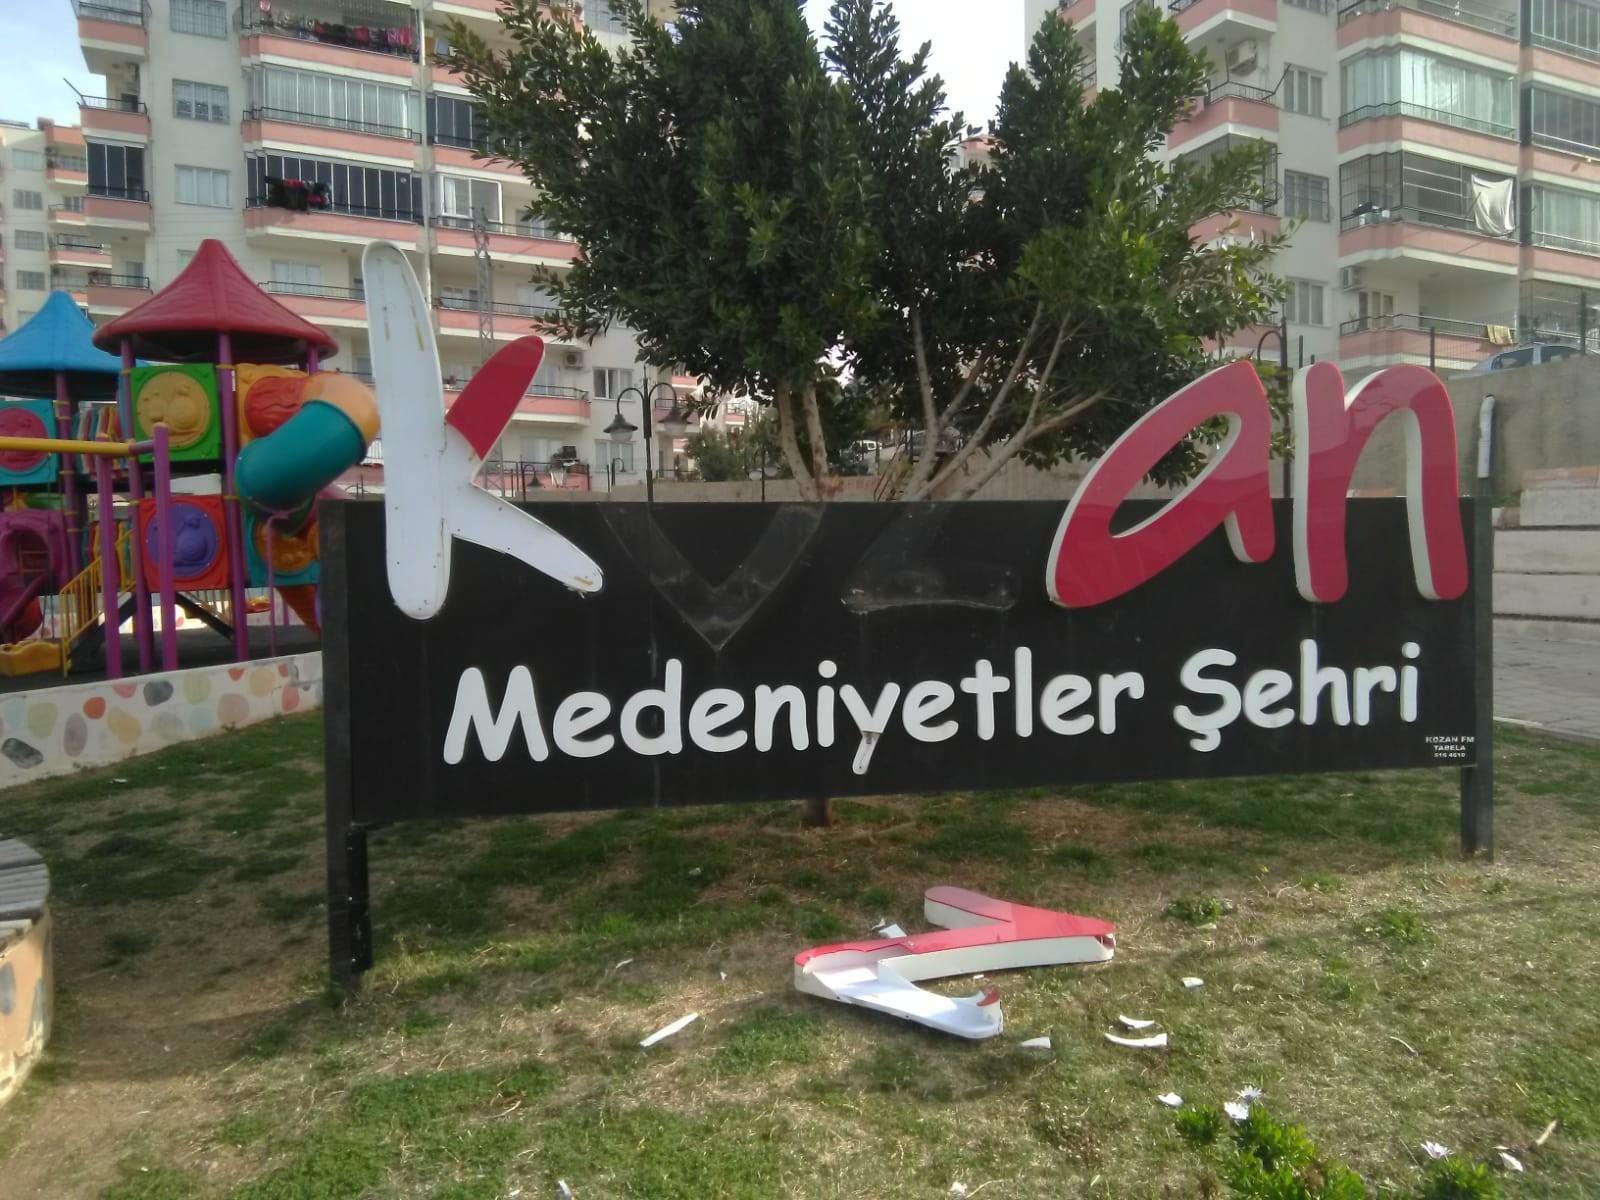 Magandalar parkları hedef aldı! Kozan'da parklara zarar verildi